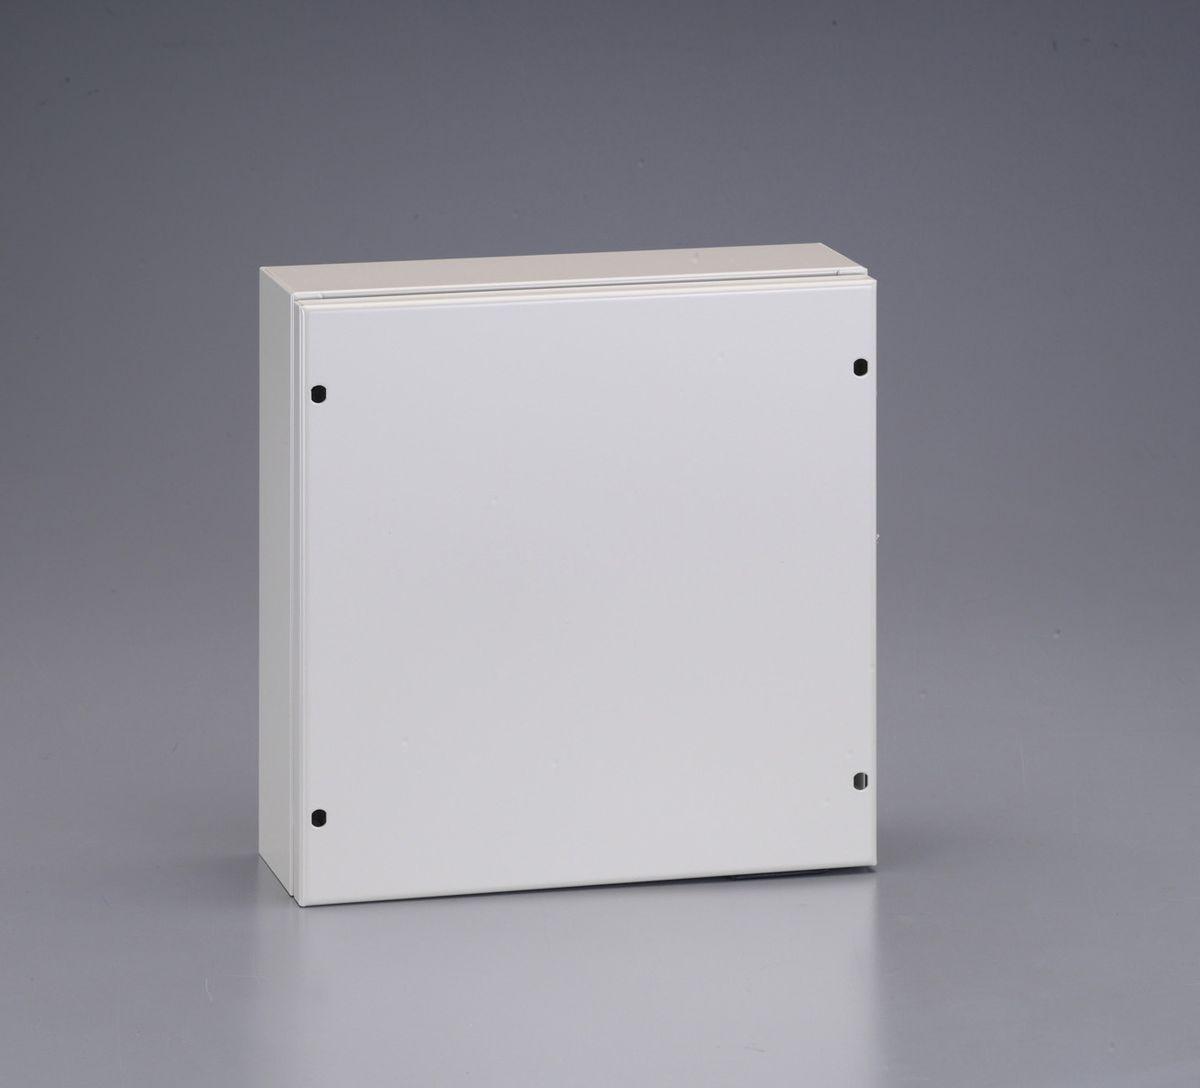 【メーカー在庫あり】 エスコ ESCO 450x160x350mm 盤用キャビネット 屋内用・ネジ止 000012242334 JP店